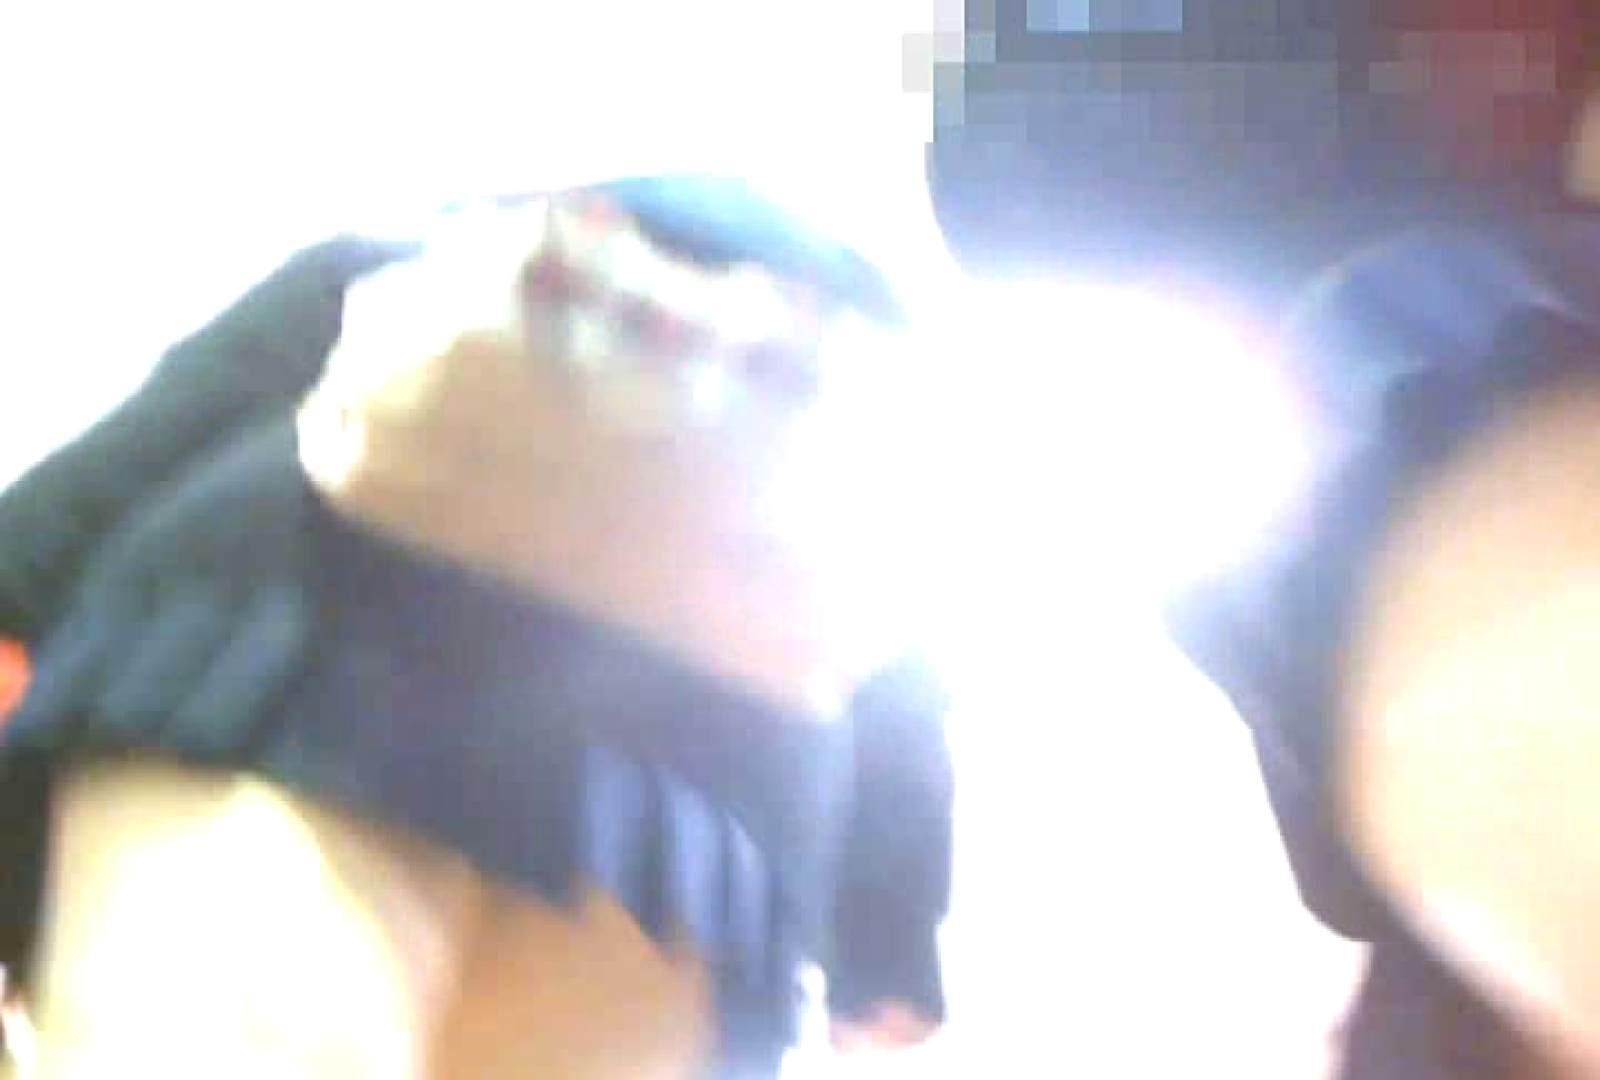 「チキン男」さんの制服ウォッチングVol.2 制服フェチへ ワレメ無修正動画無料 87画像 14